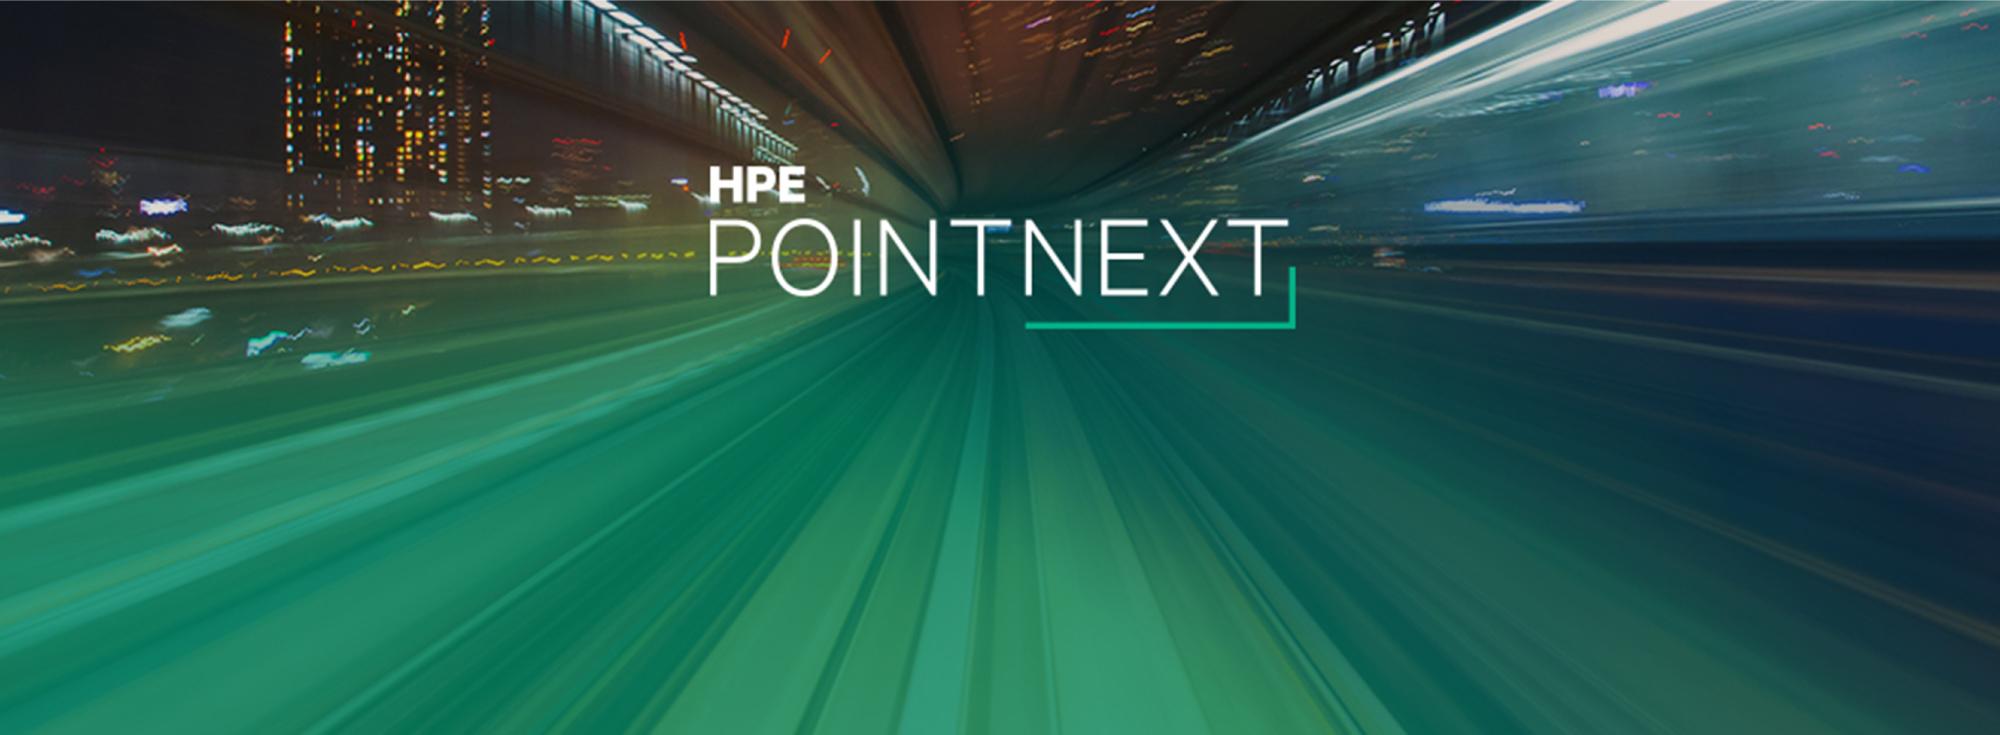 hpe-pointnext-home-banner-bg